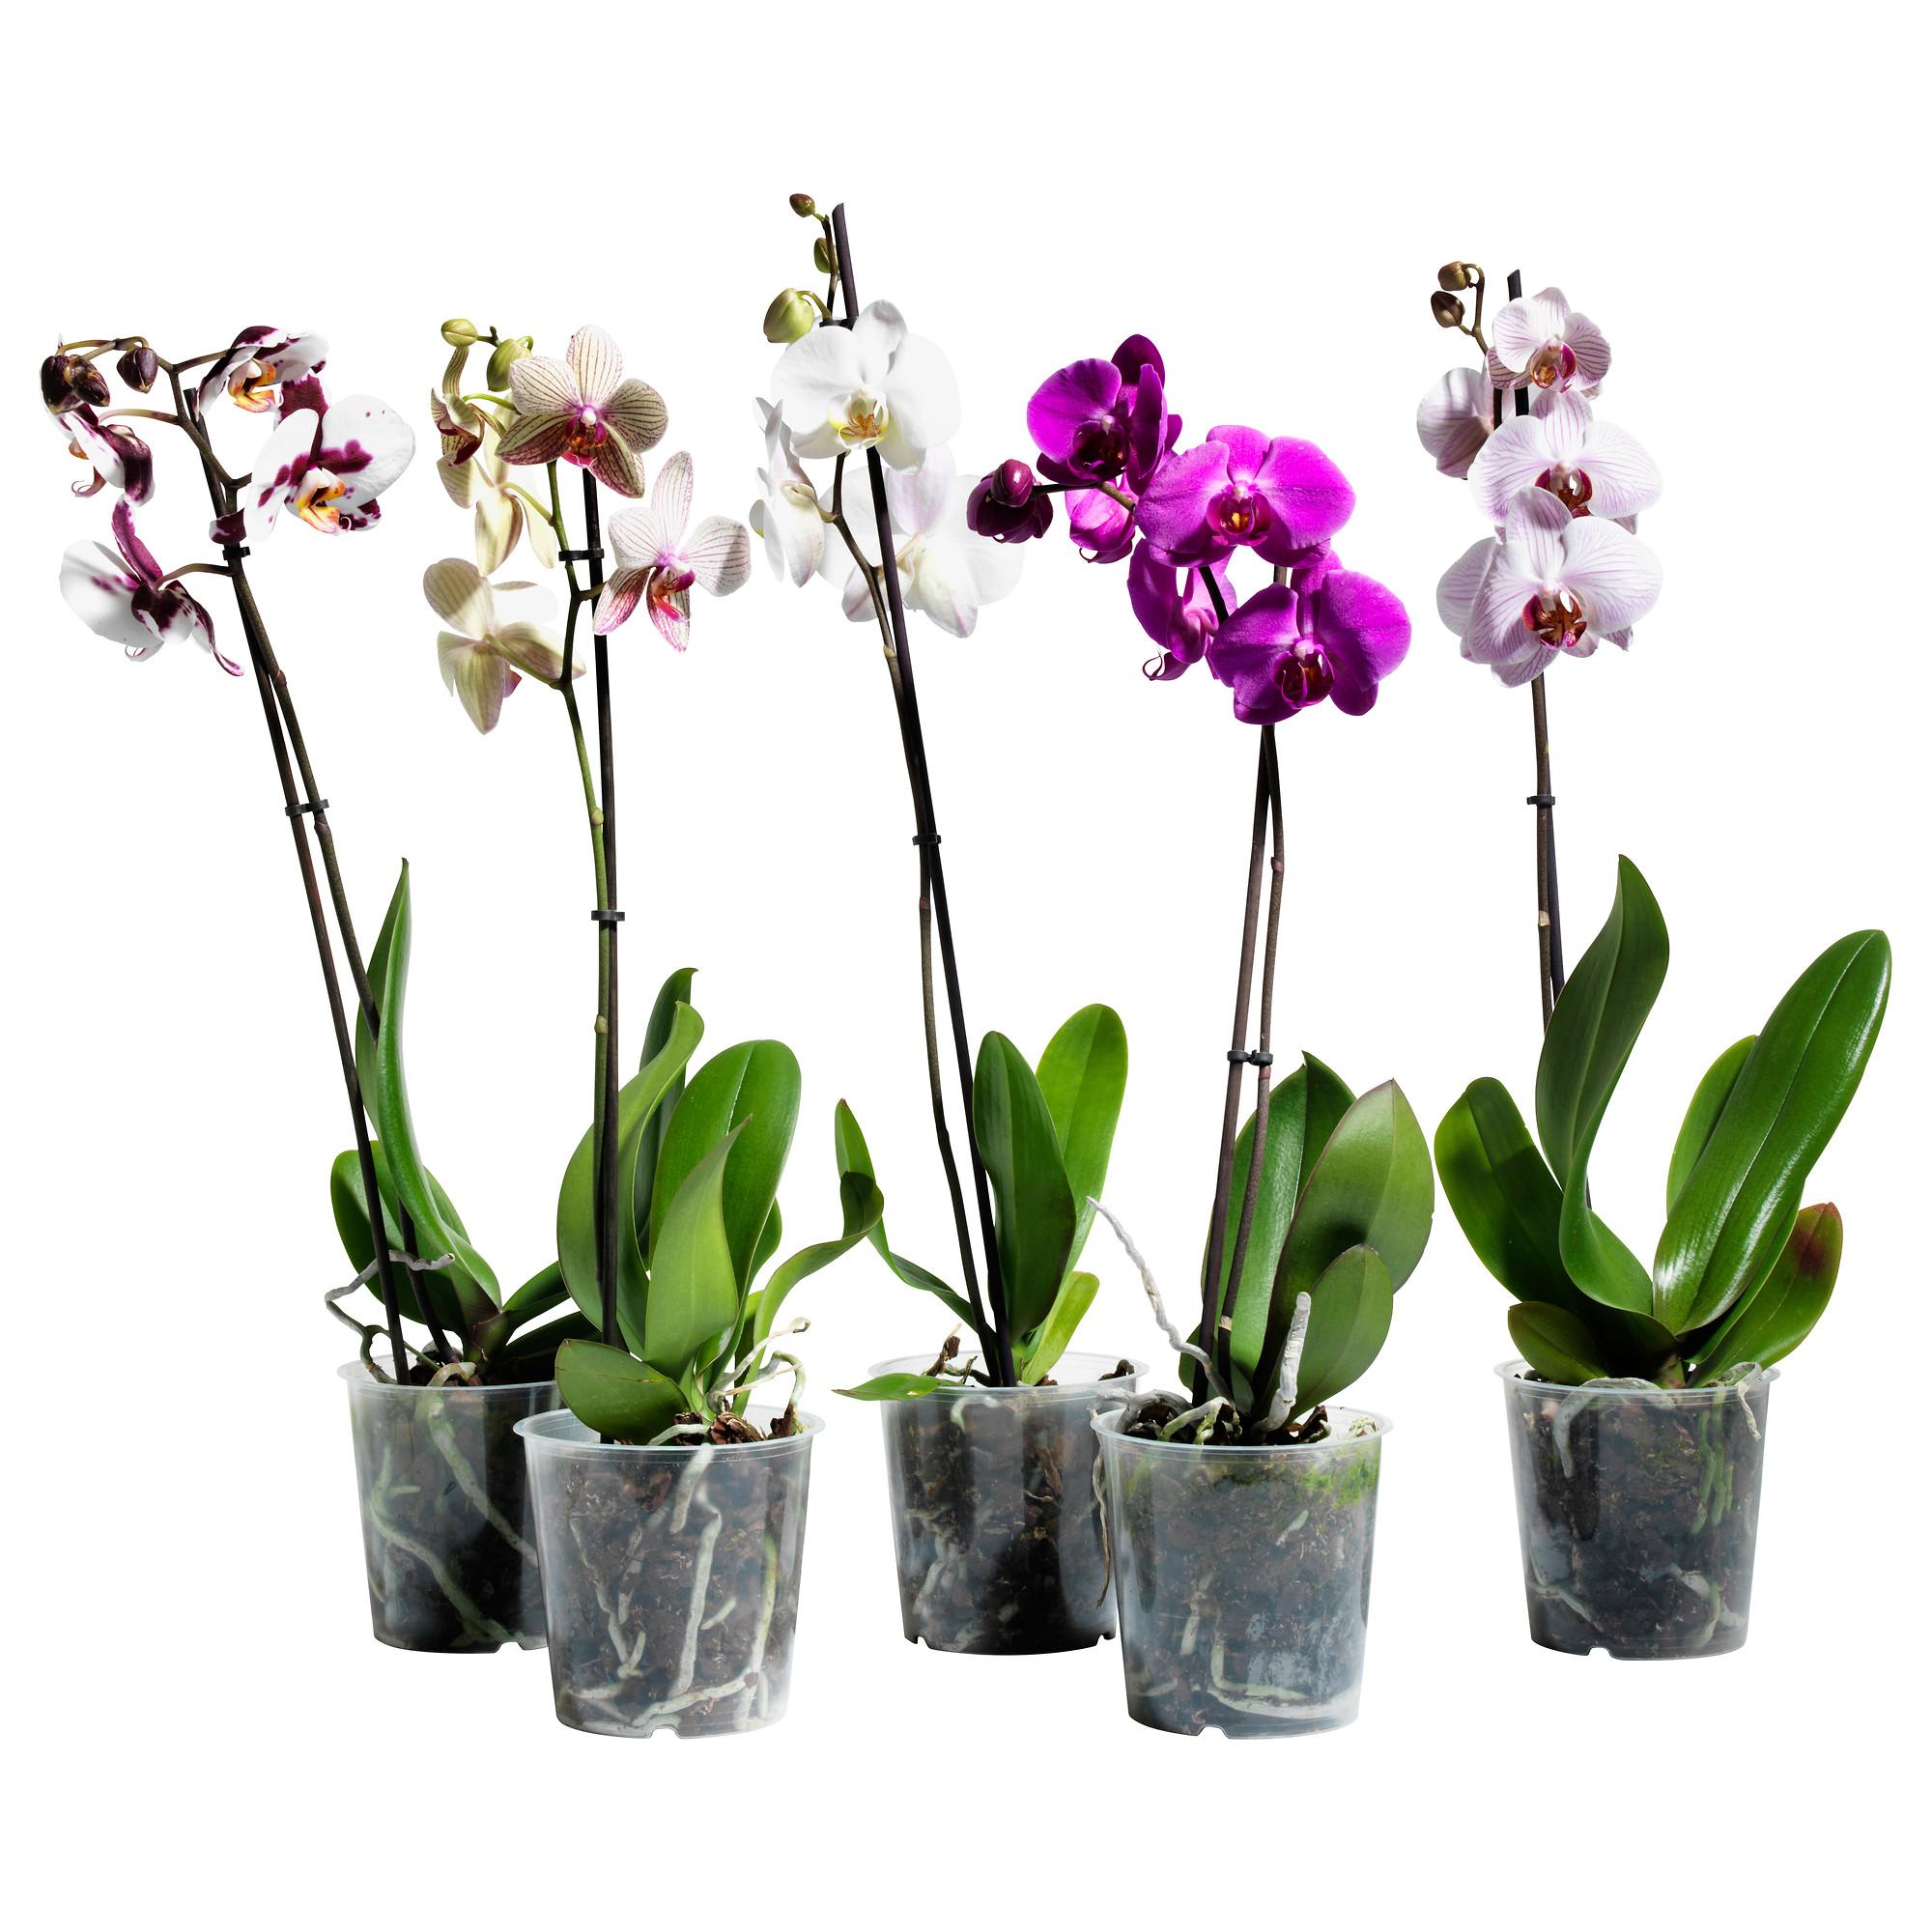 Комнатные цветы орхидея фото название и уход за ними